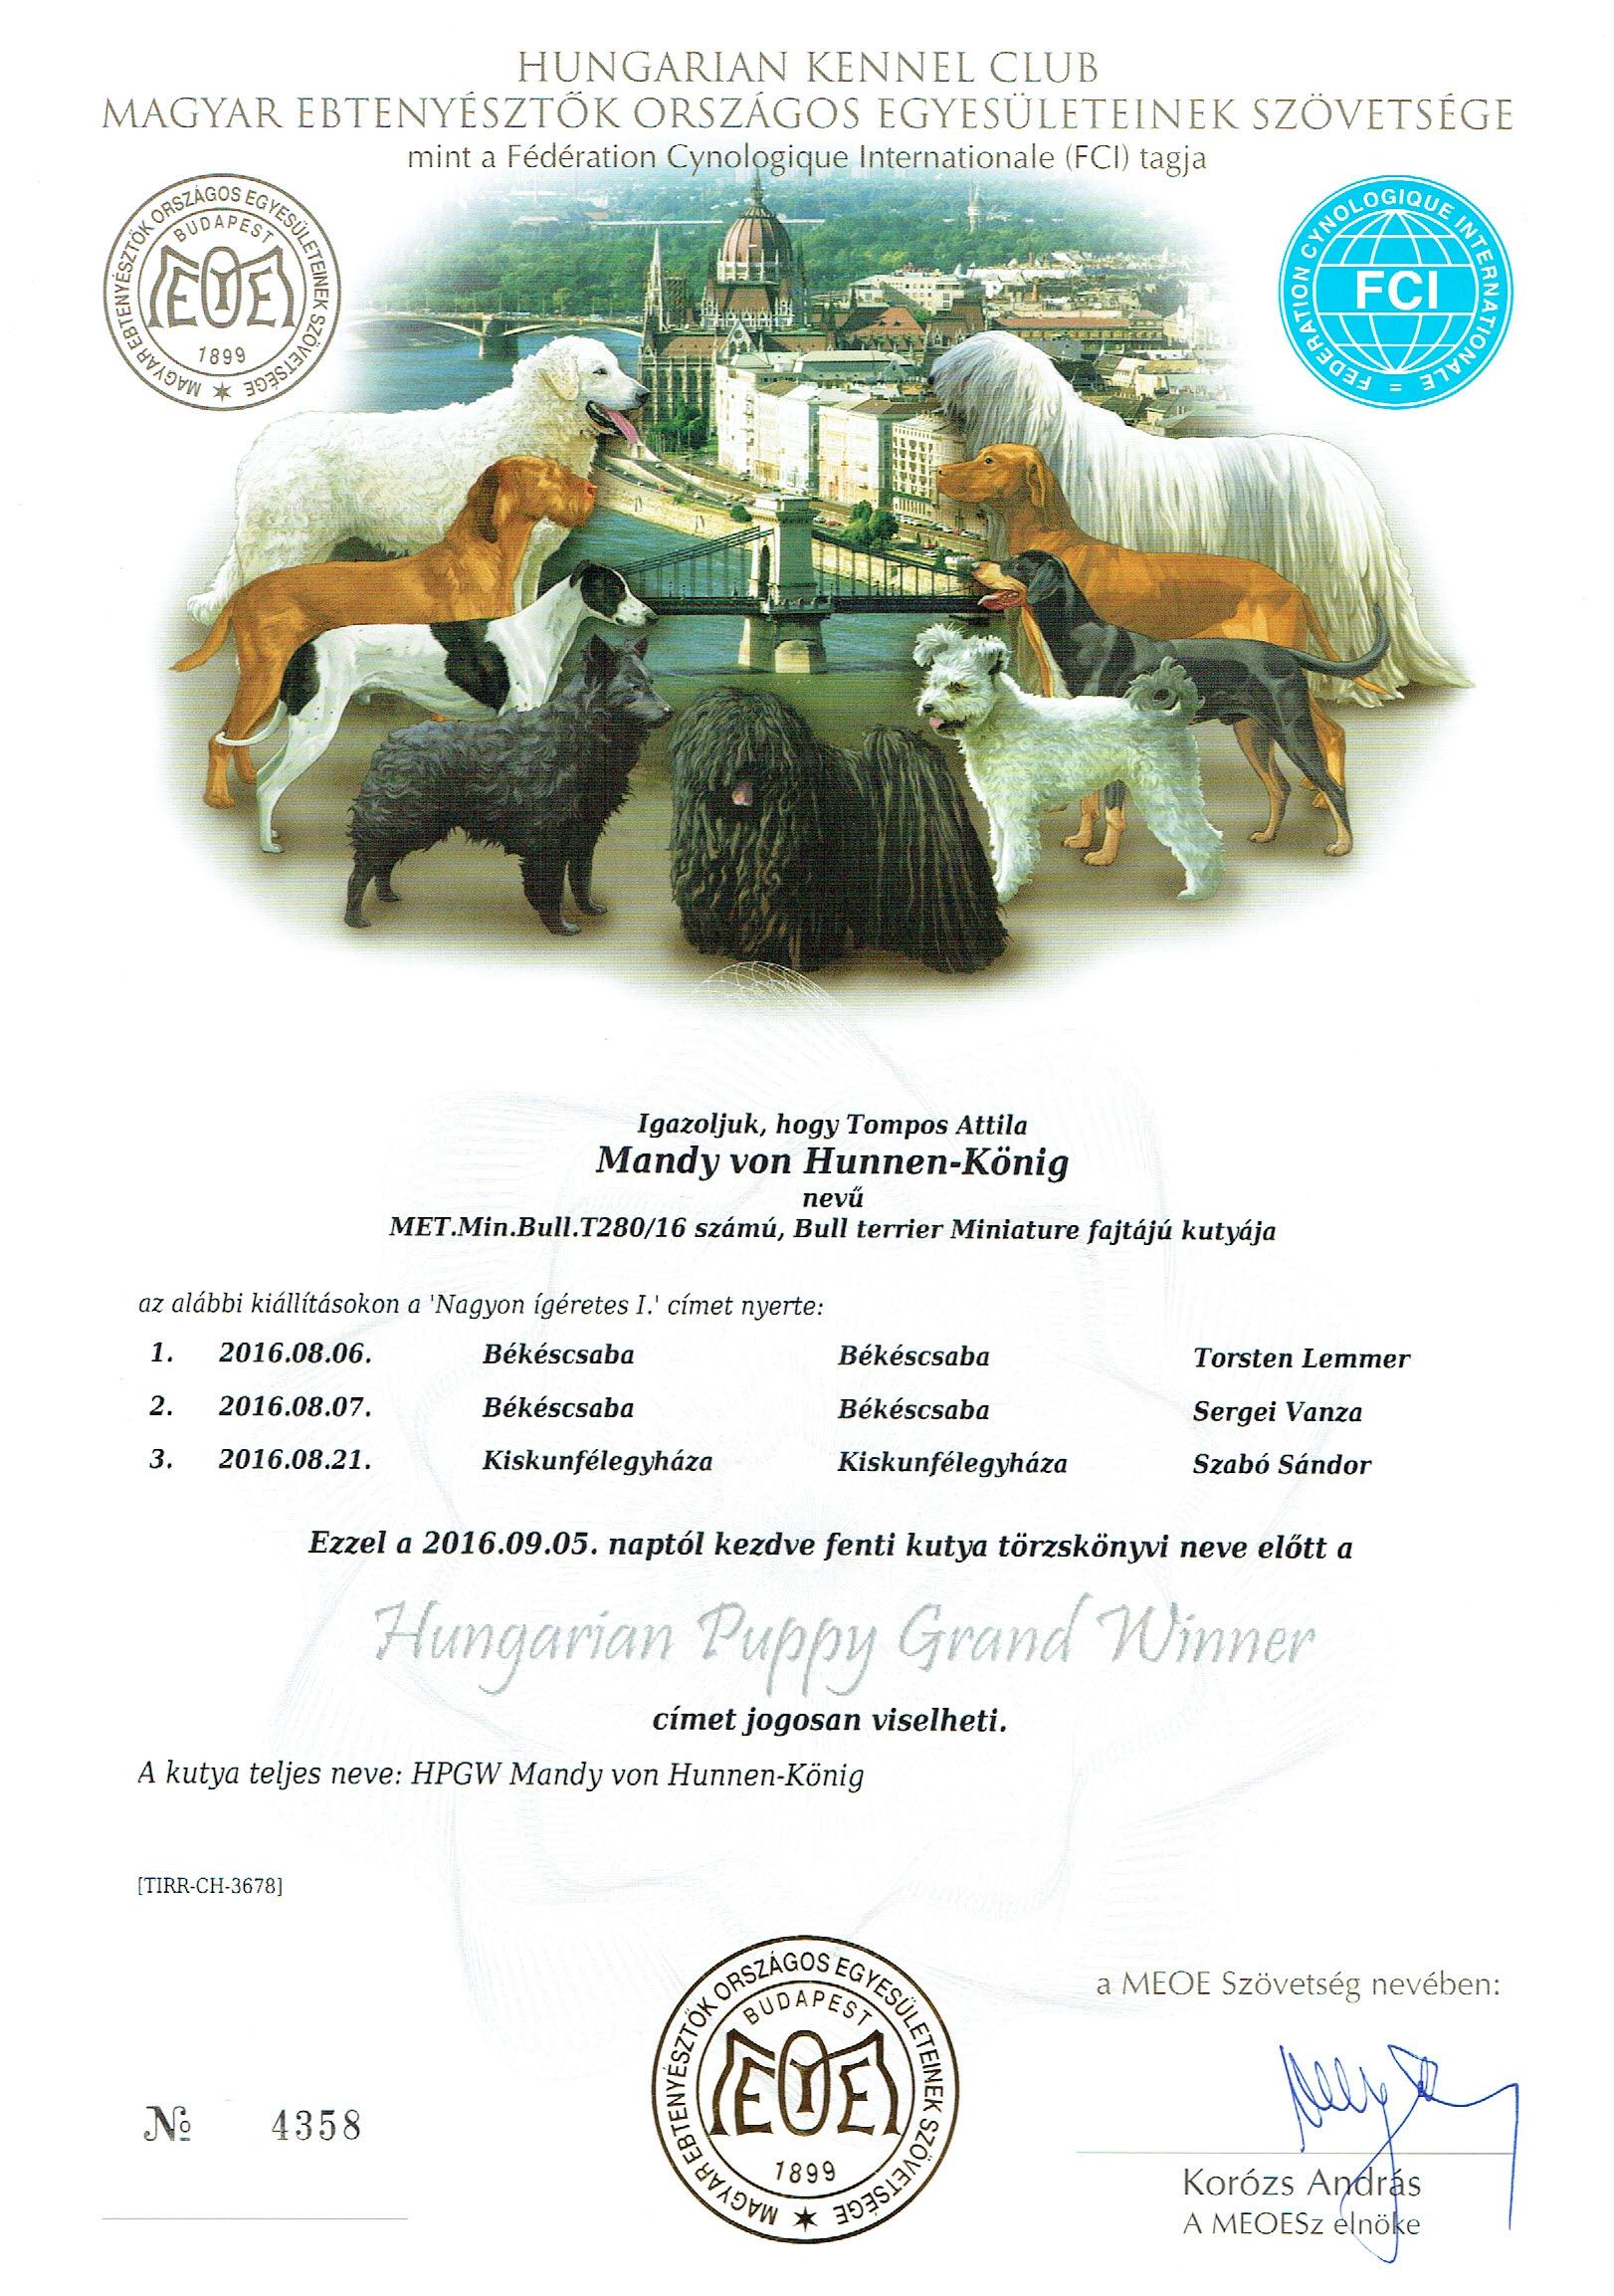 Hungarian Puppy Grand Winner - Mandy